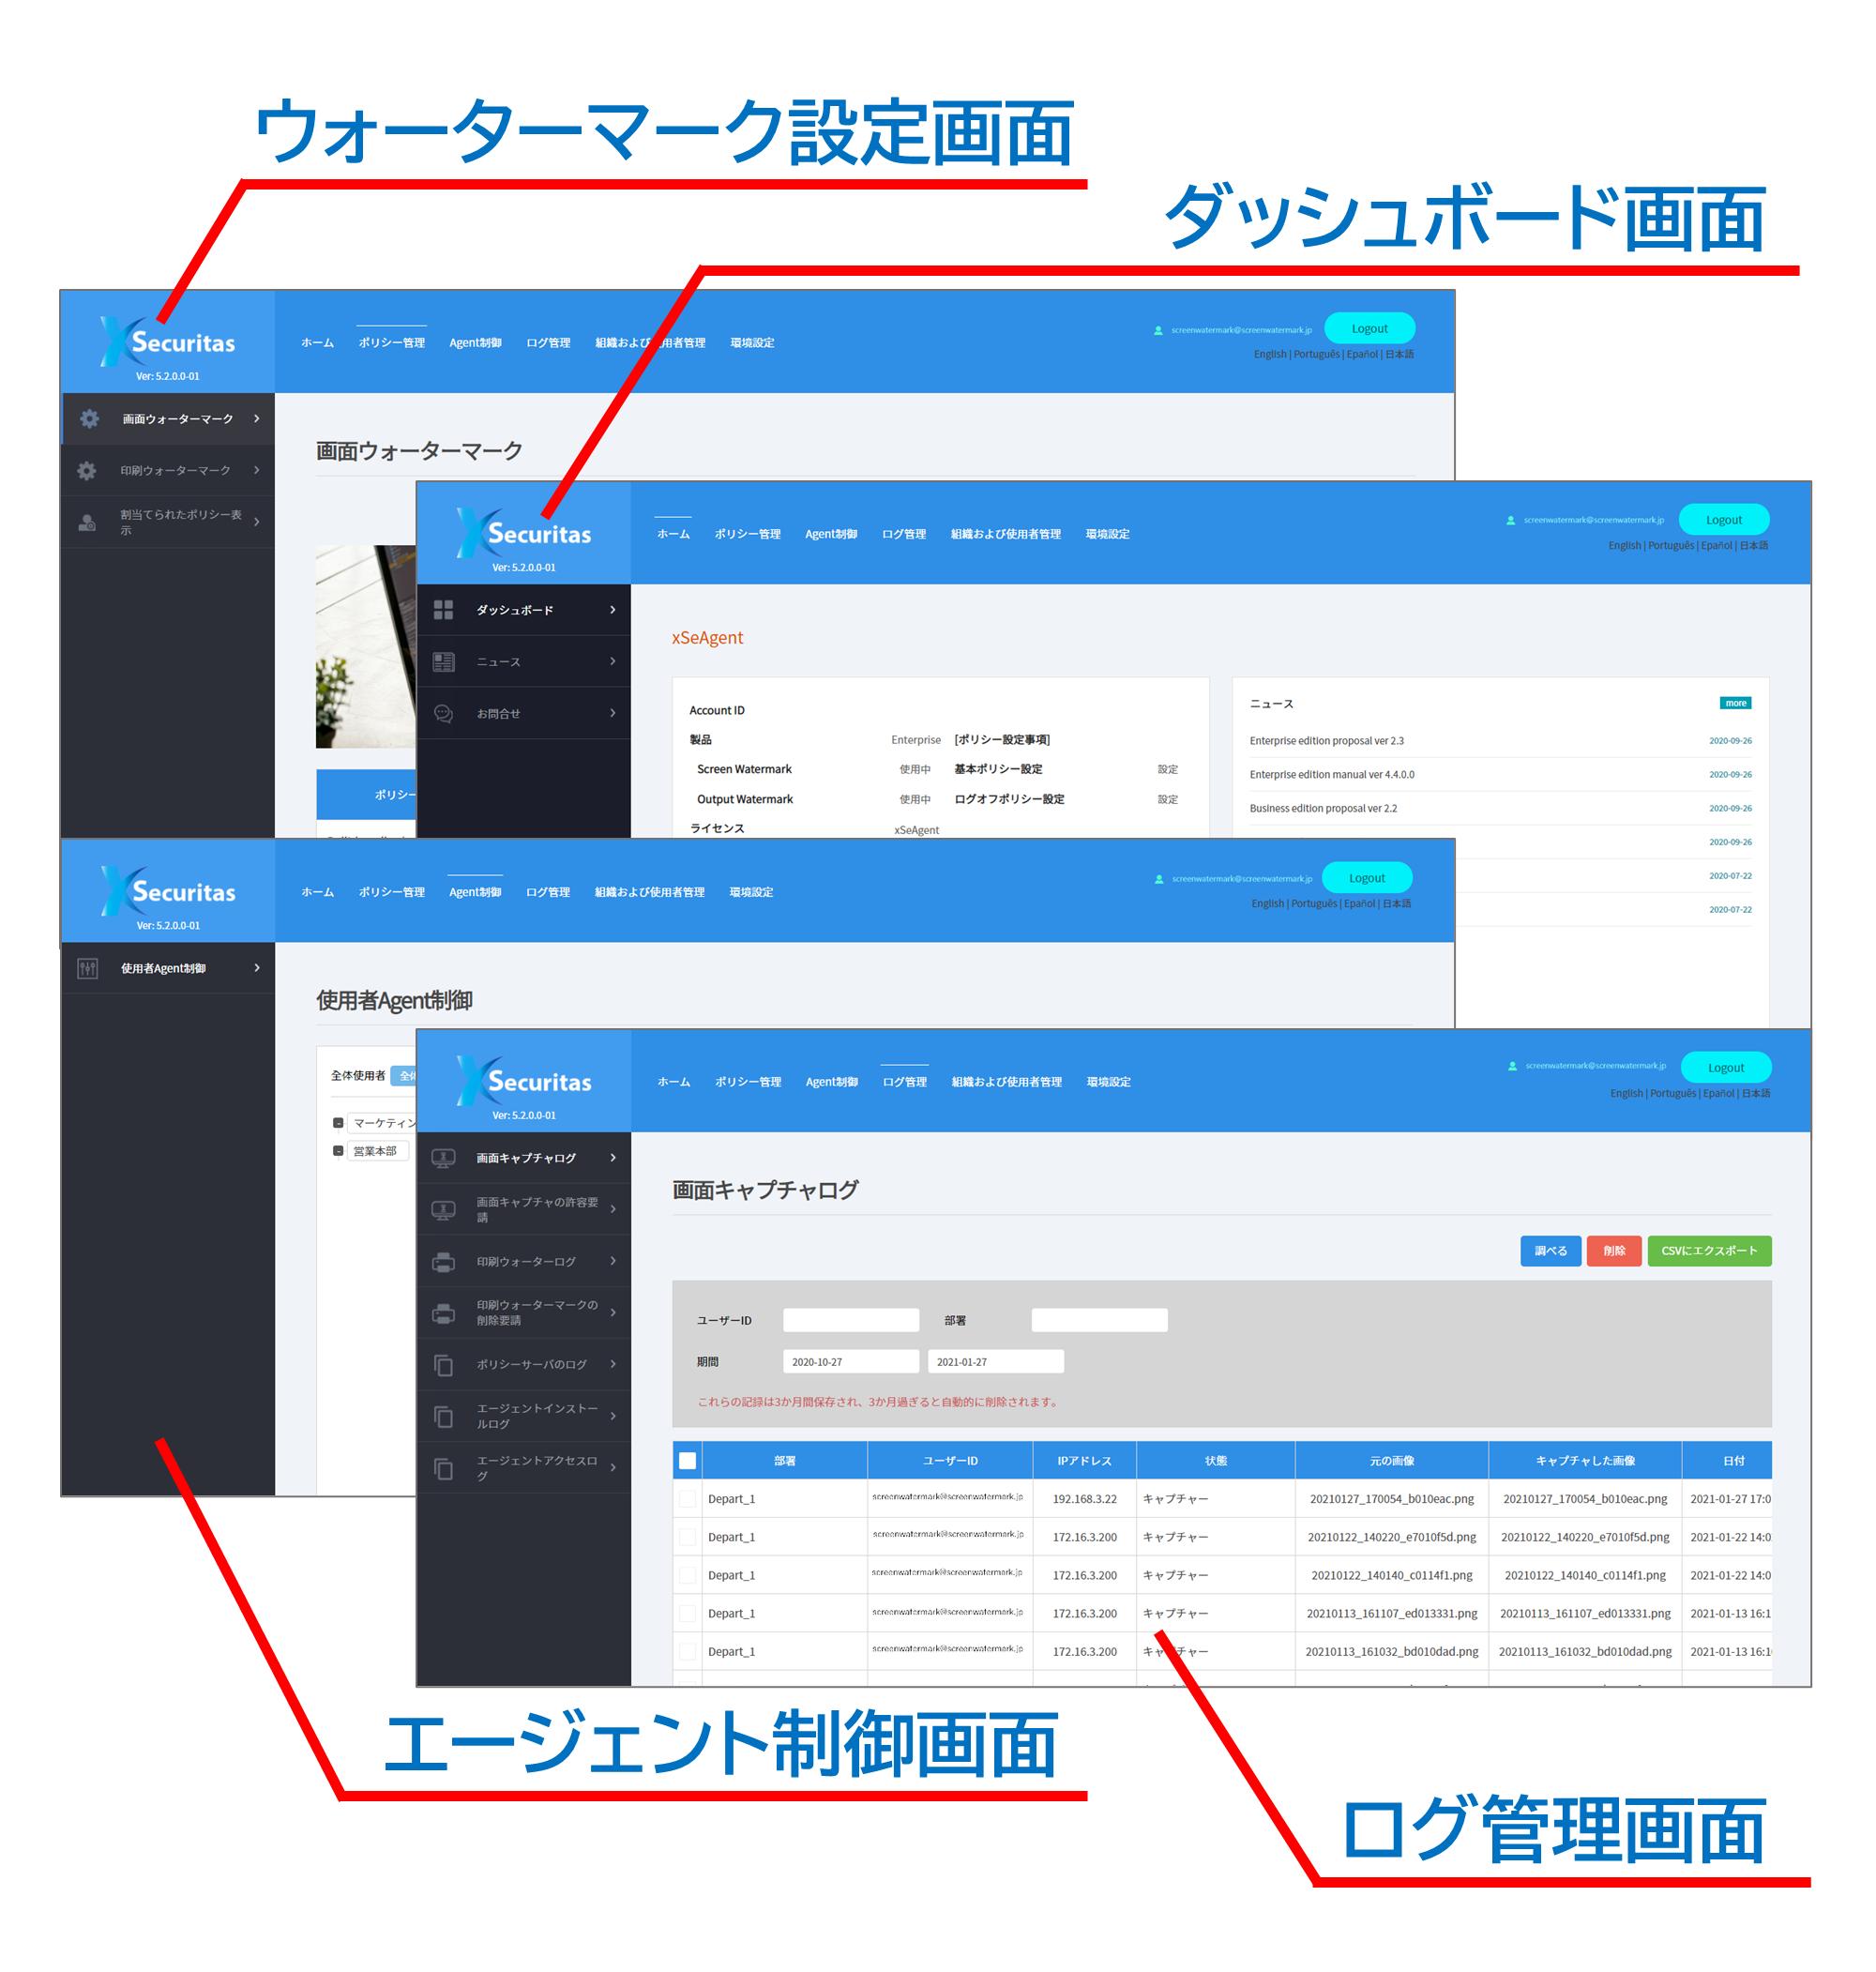 スクリーンウォーターマークの管理用Webコンソール画面